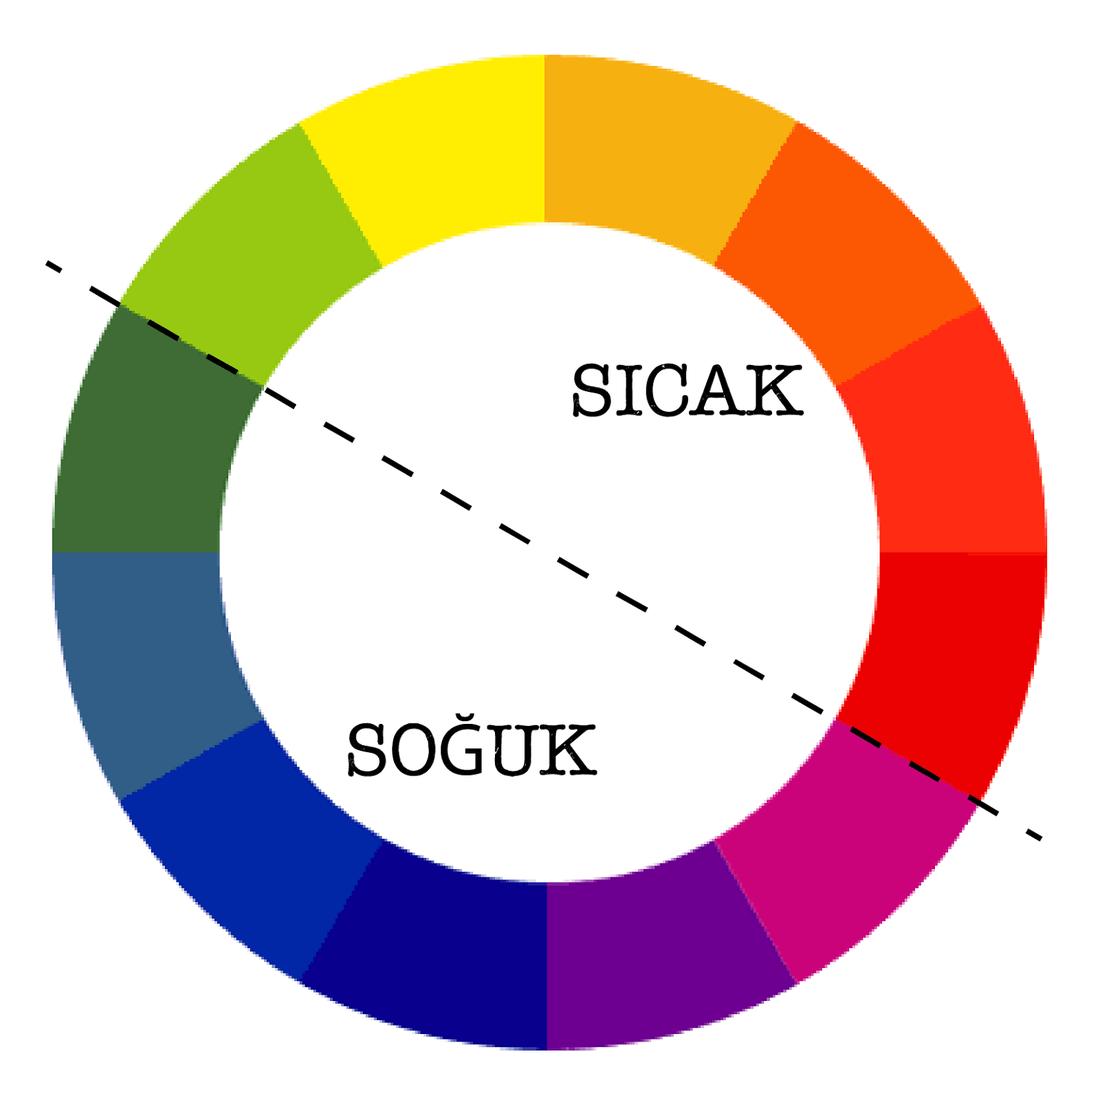 Sıcak ve Soğuk Renkler Nelerdir? Özellikleri Nelerdir?